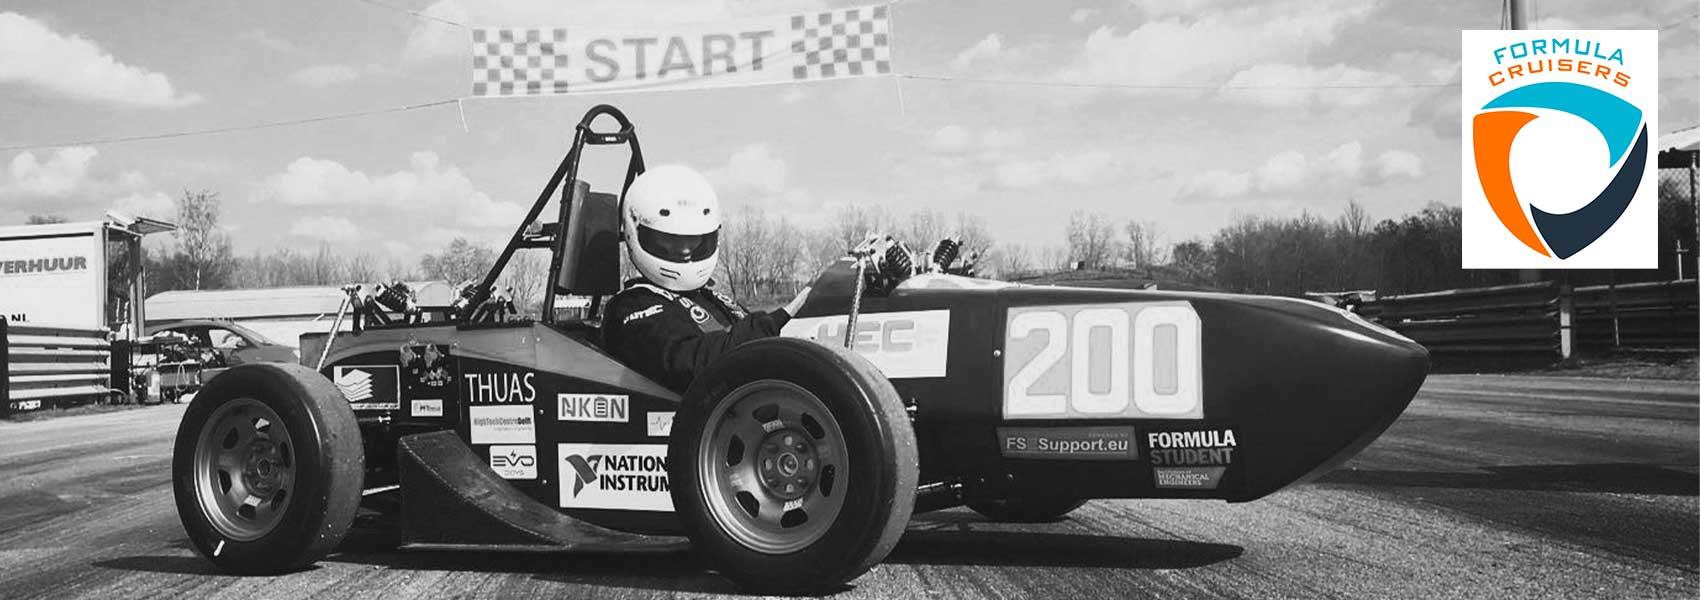 Formula Cruiser Banner